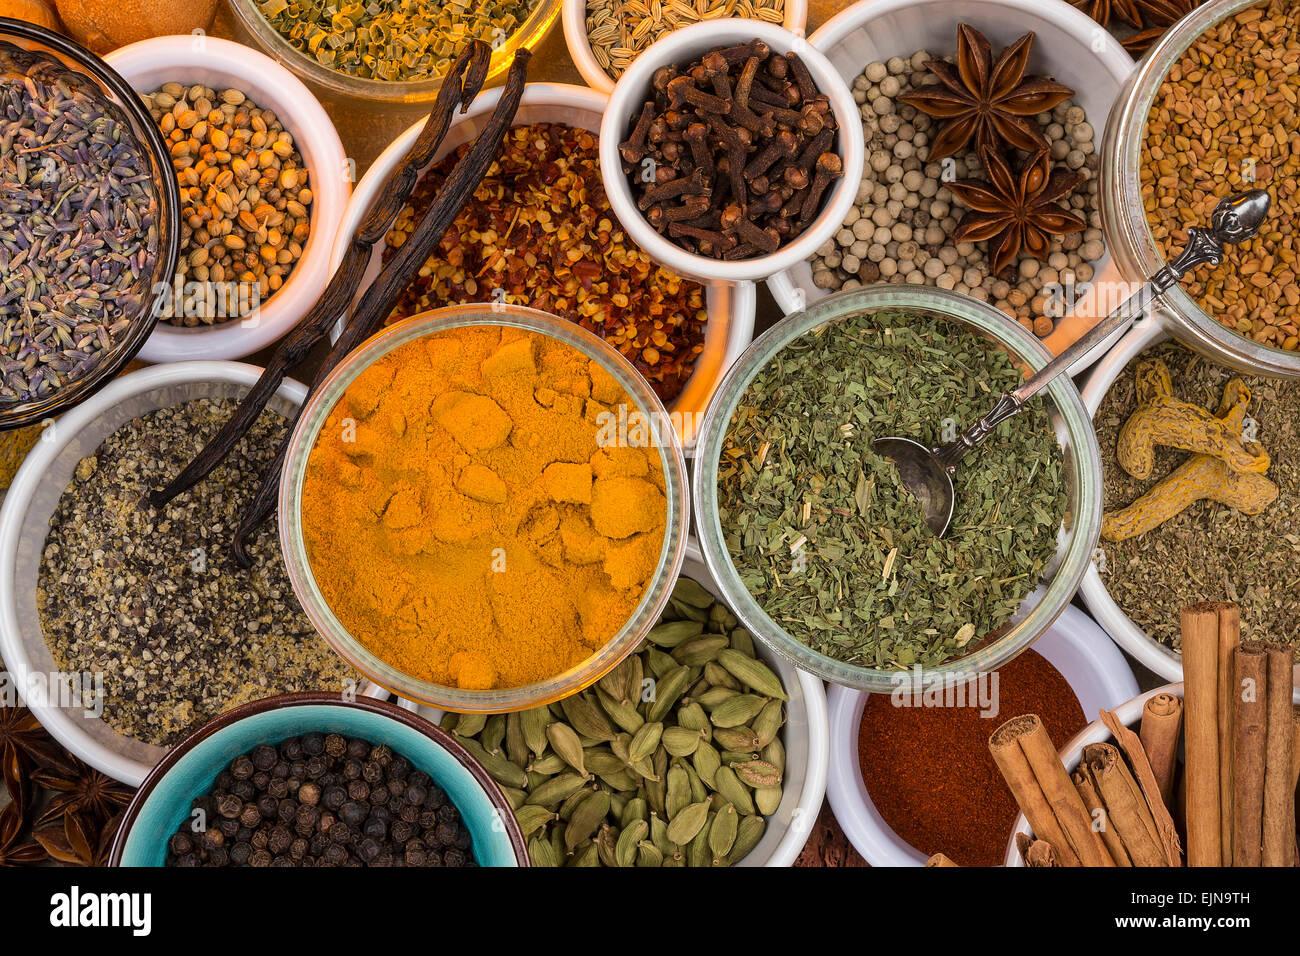 Eine Auswahl von getrockneten Kräutern und Gewürzen. Verwenden Sie in der Küche eine Mahlzeit Würze Stockbild